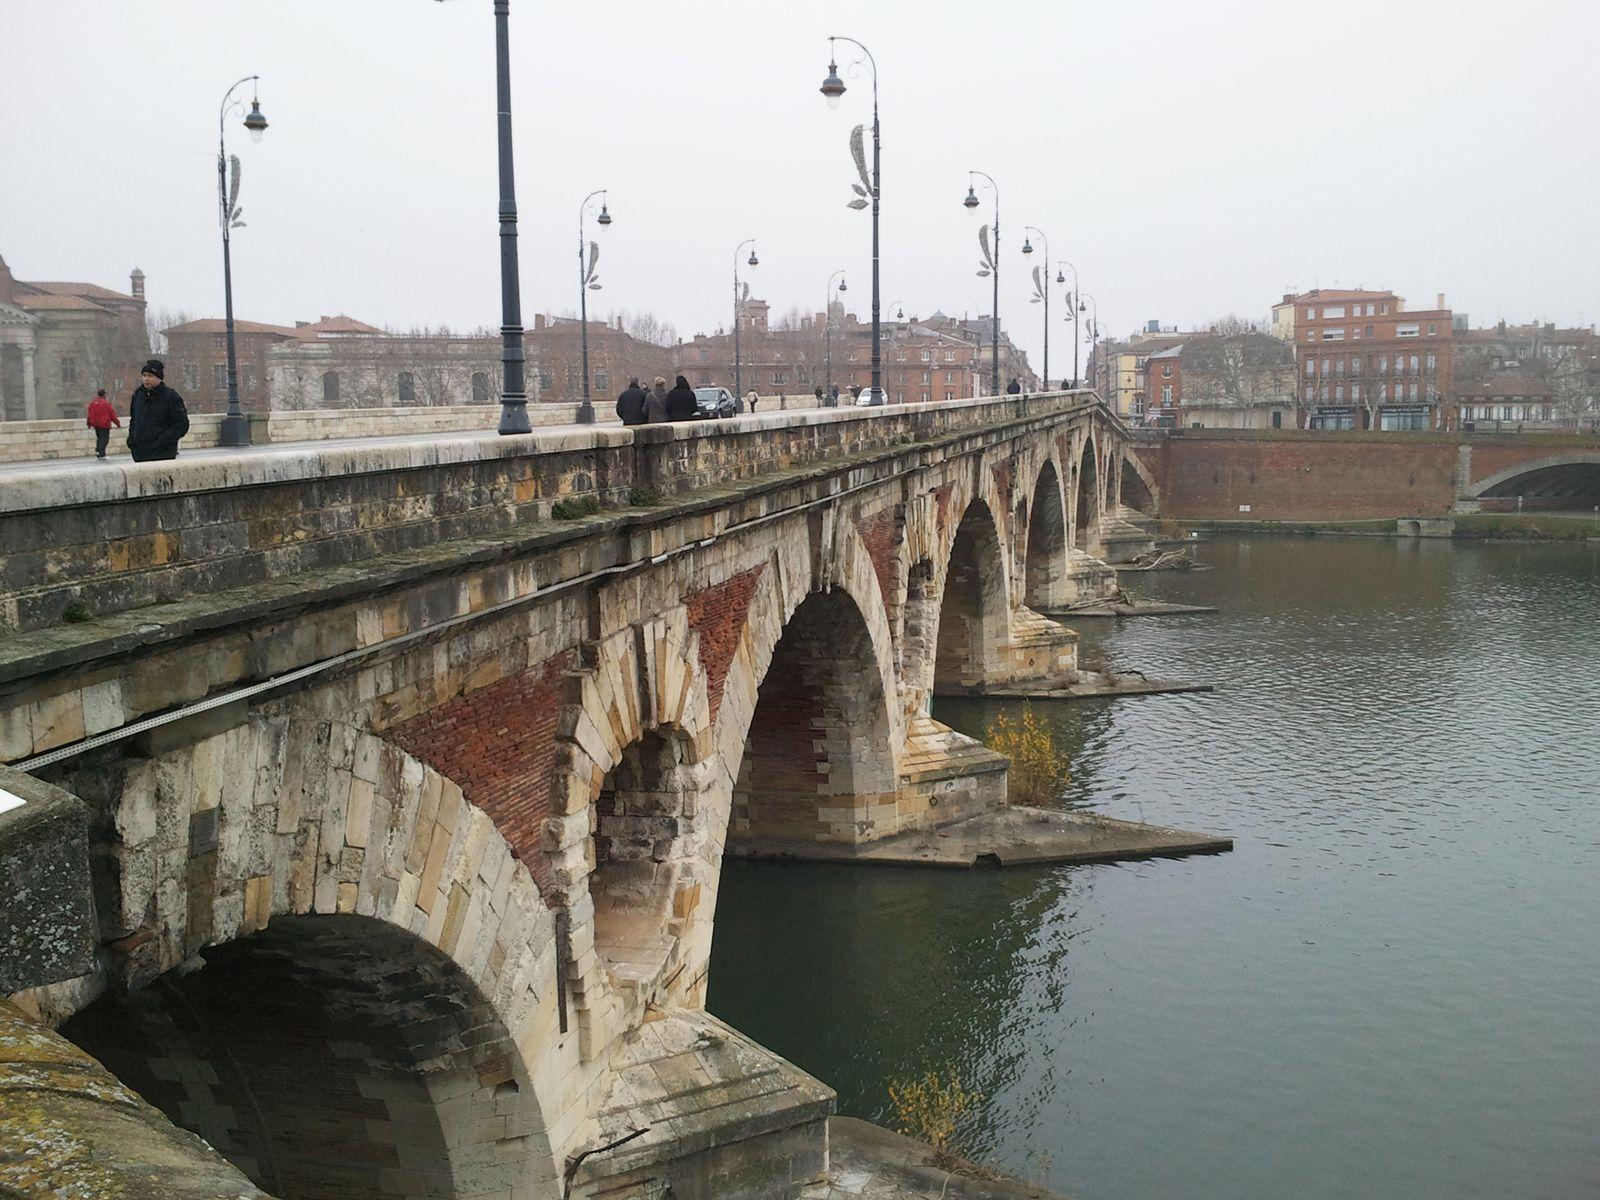 passion de photographe: Le pont neuf de Toulouse